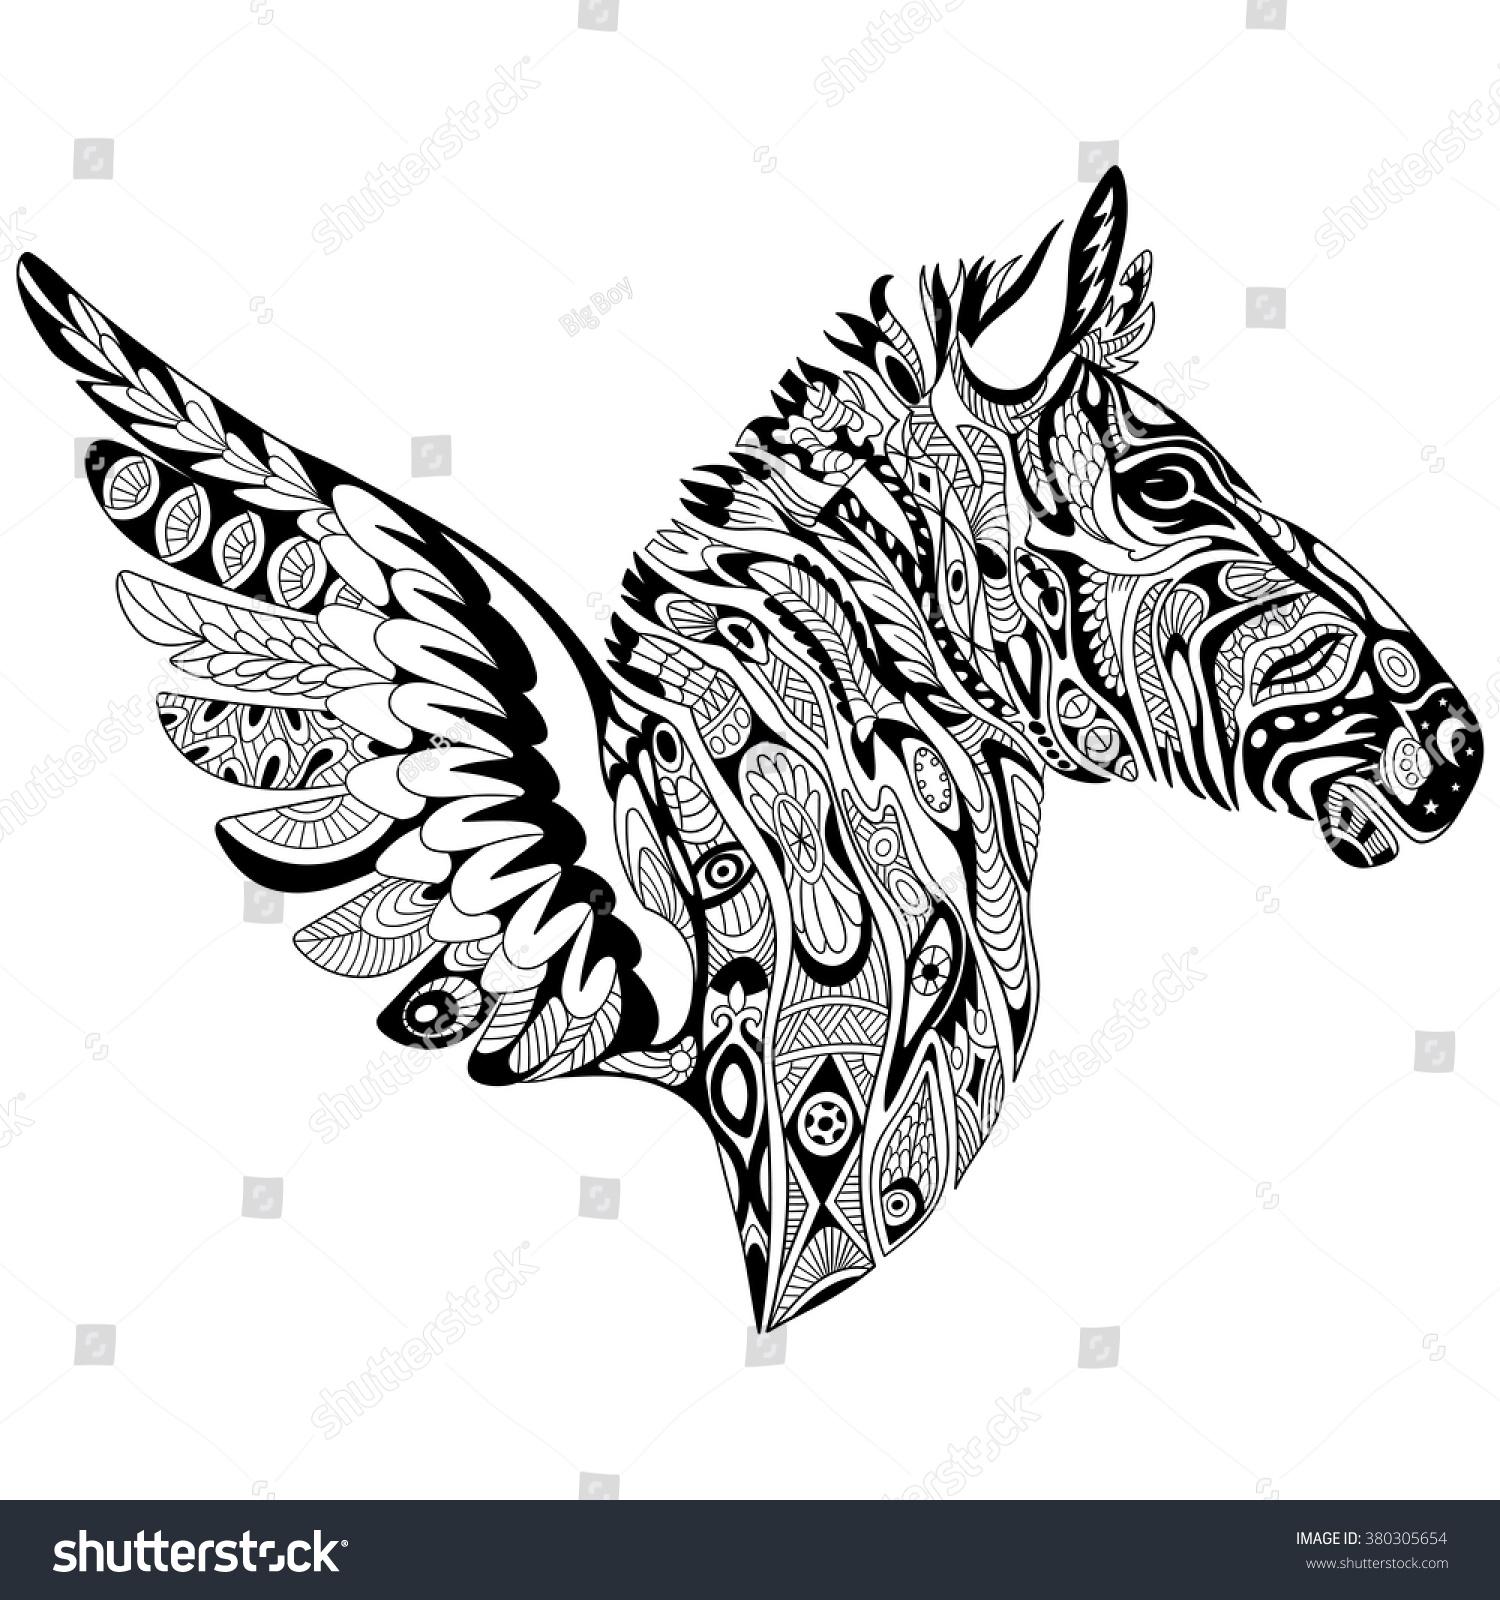 zentangle stylized cartoon zebra wings isolated stock vector